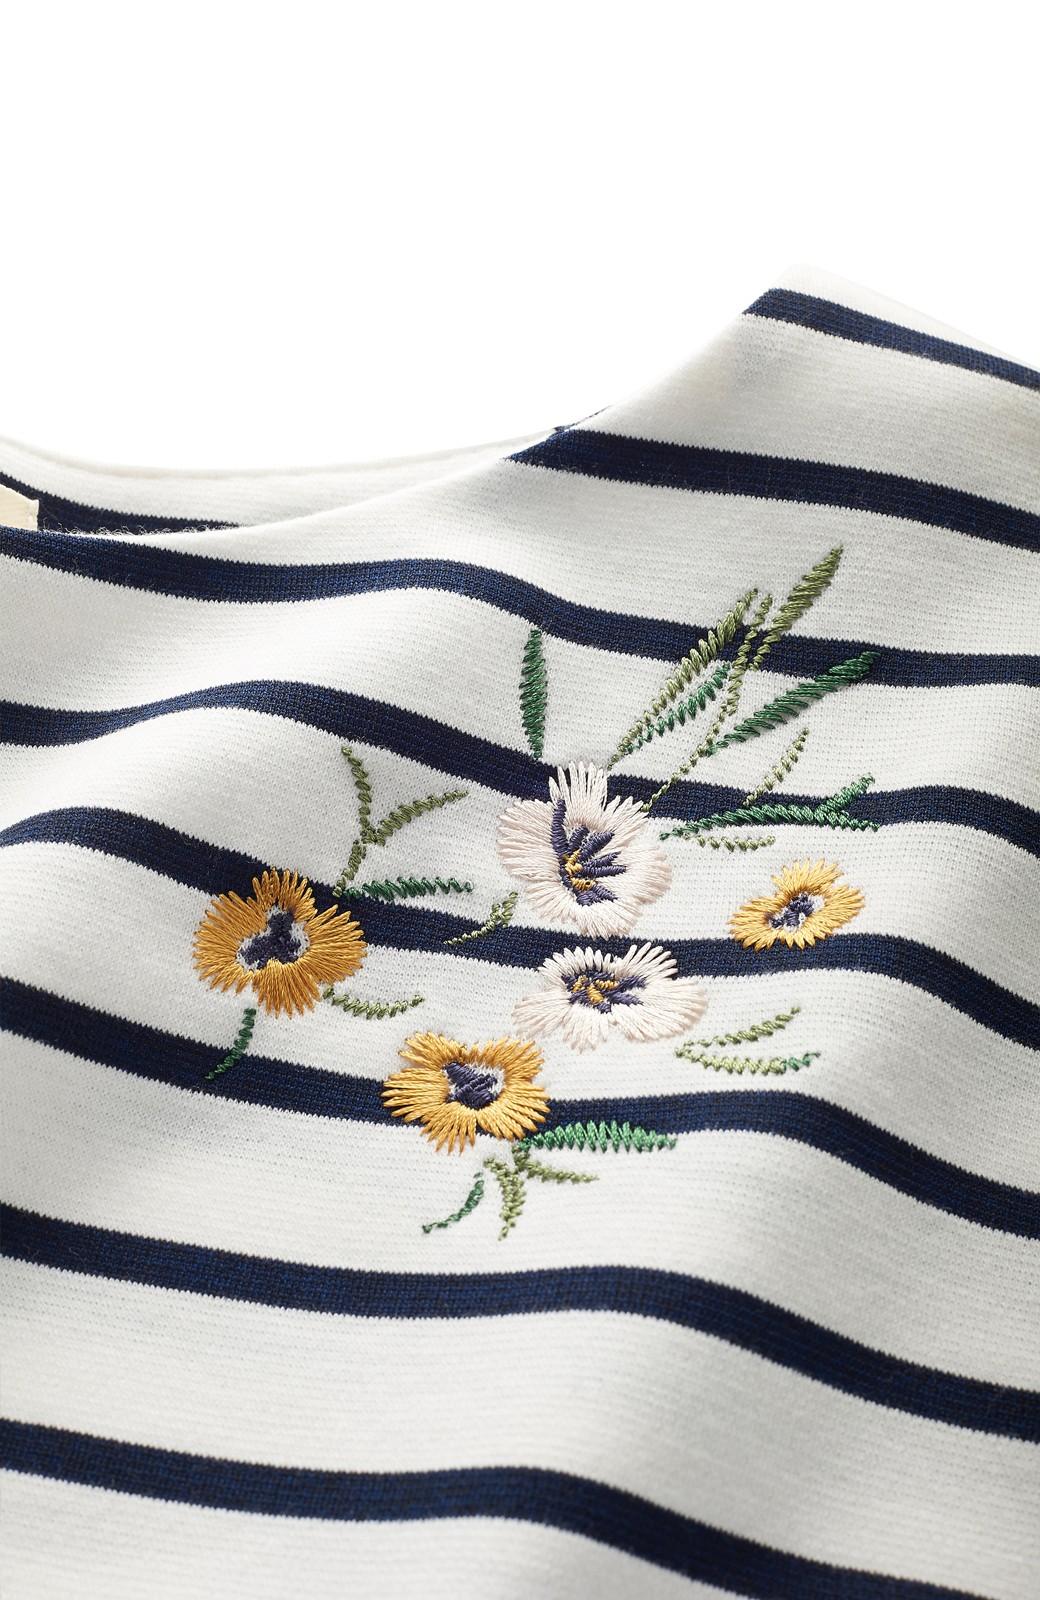 nusy 蜂とパンジー刺しゅうのふんわり袖ボーダートップス <ホワイト×ネイビー>の商品写真2